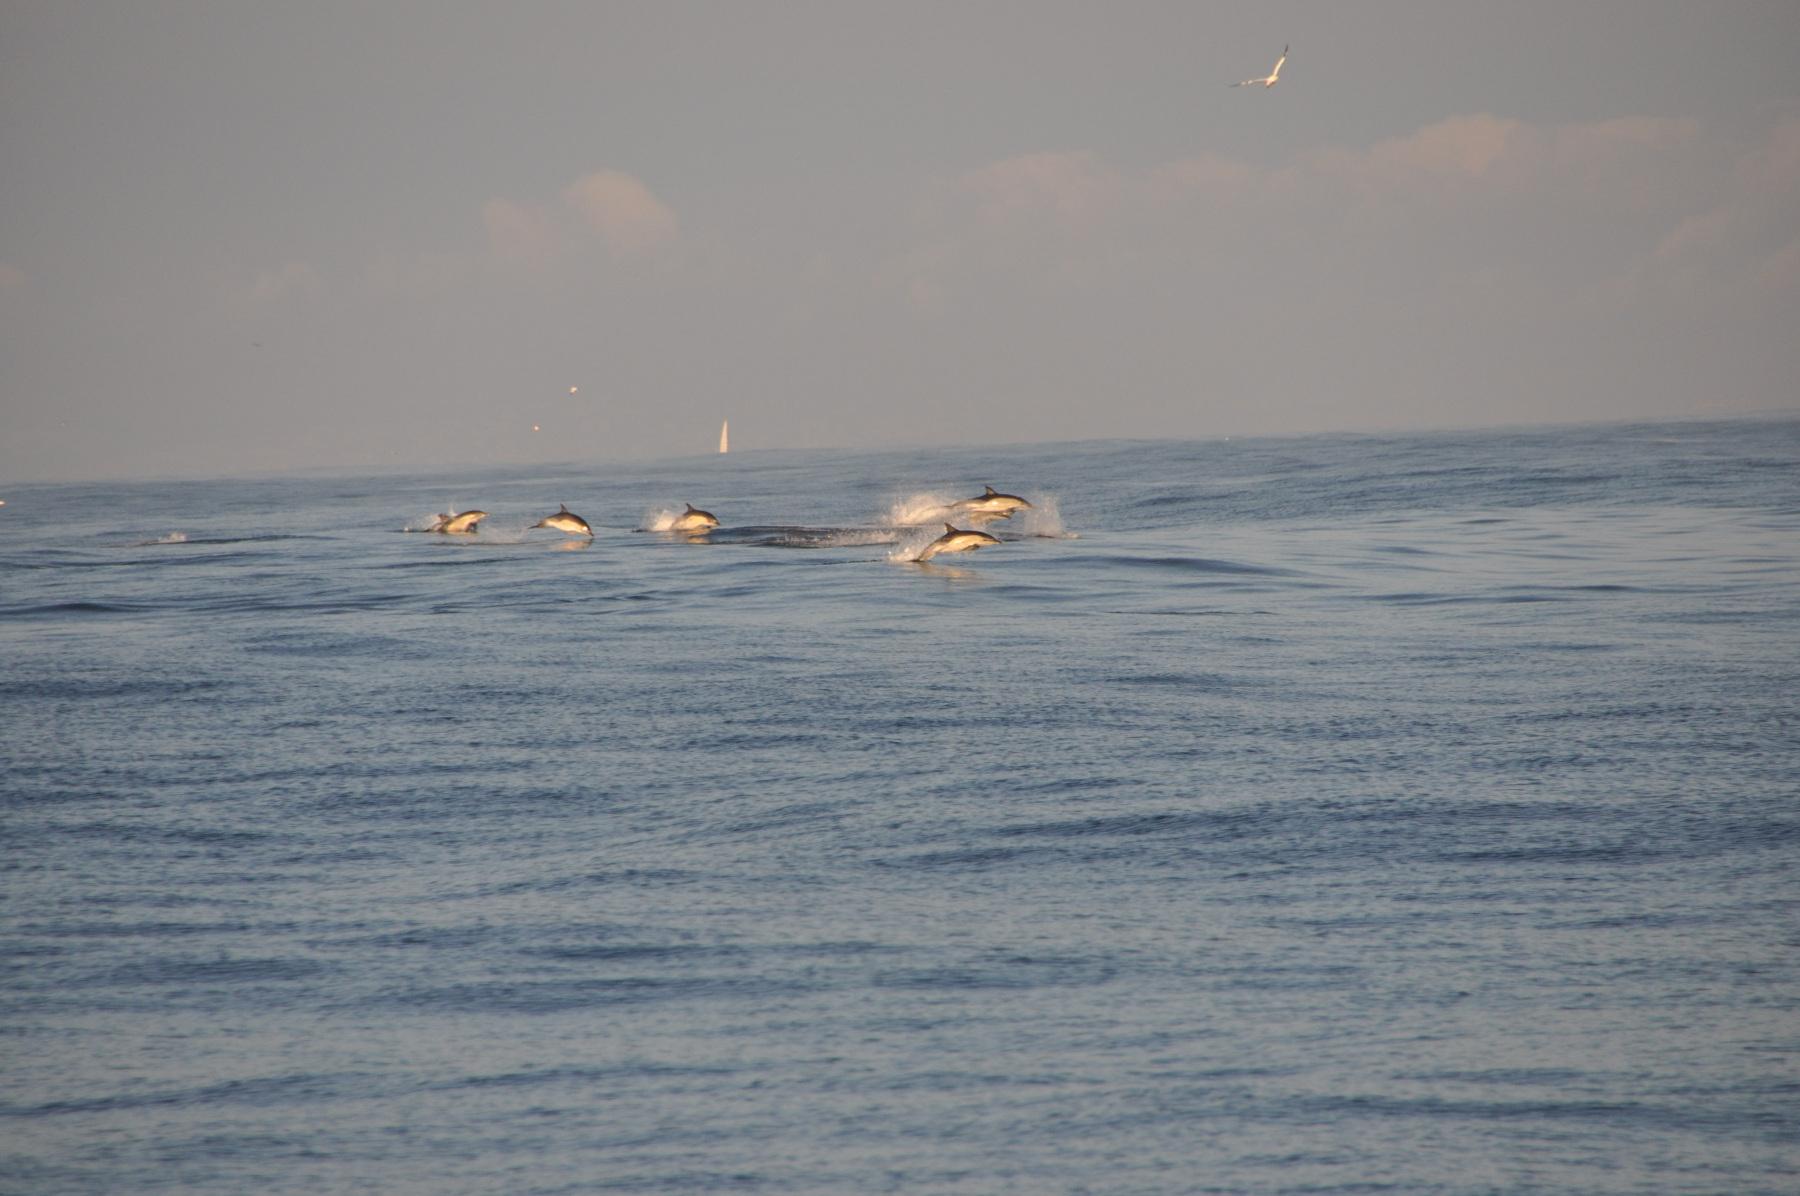 Delfiny-przed-dziobem-STS-kpt.-Borchardt-2